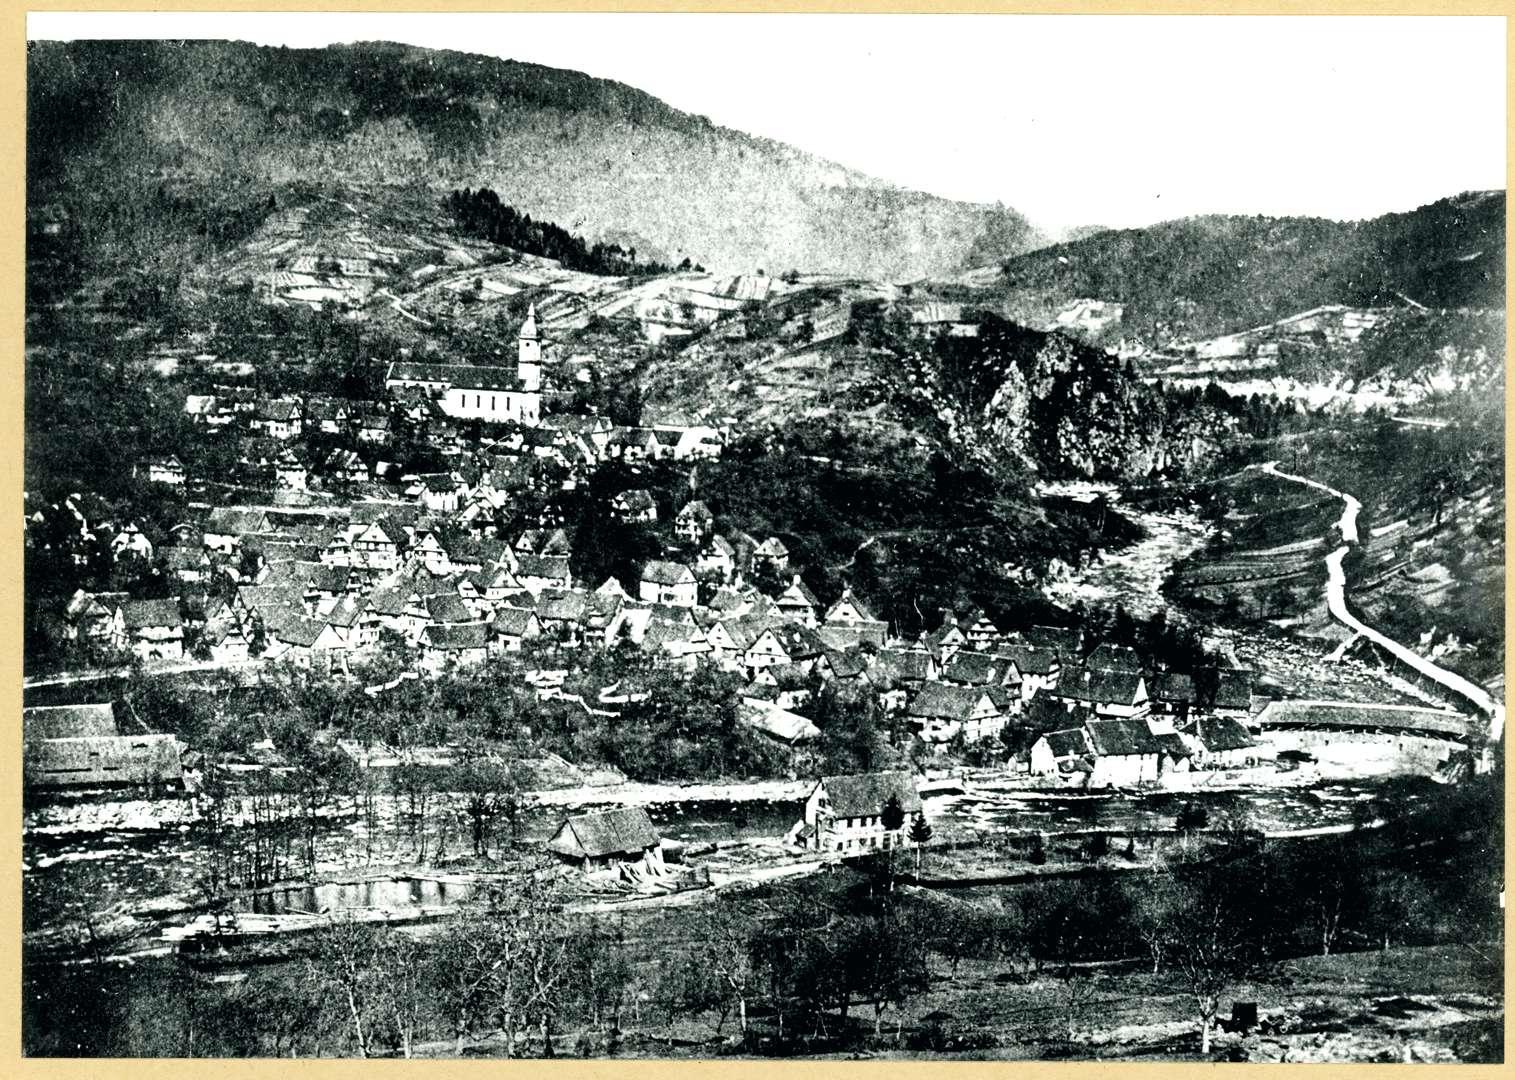 Ansicht von Forbach, Bild 1